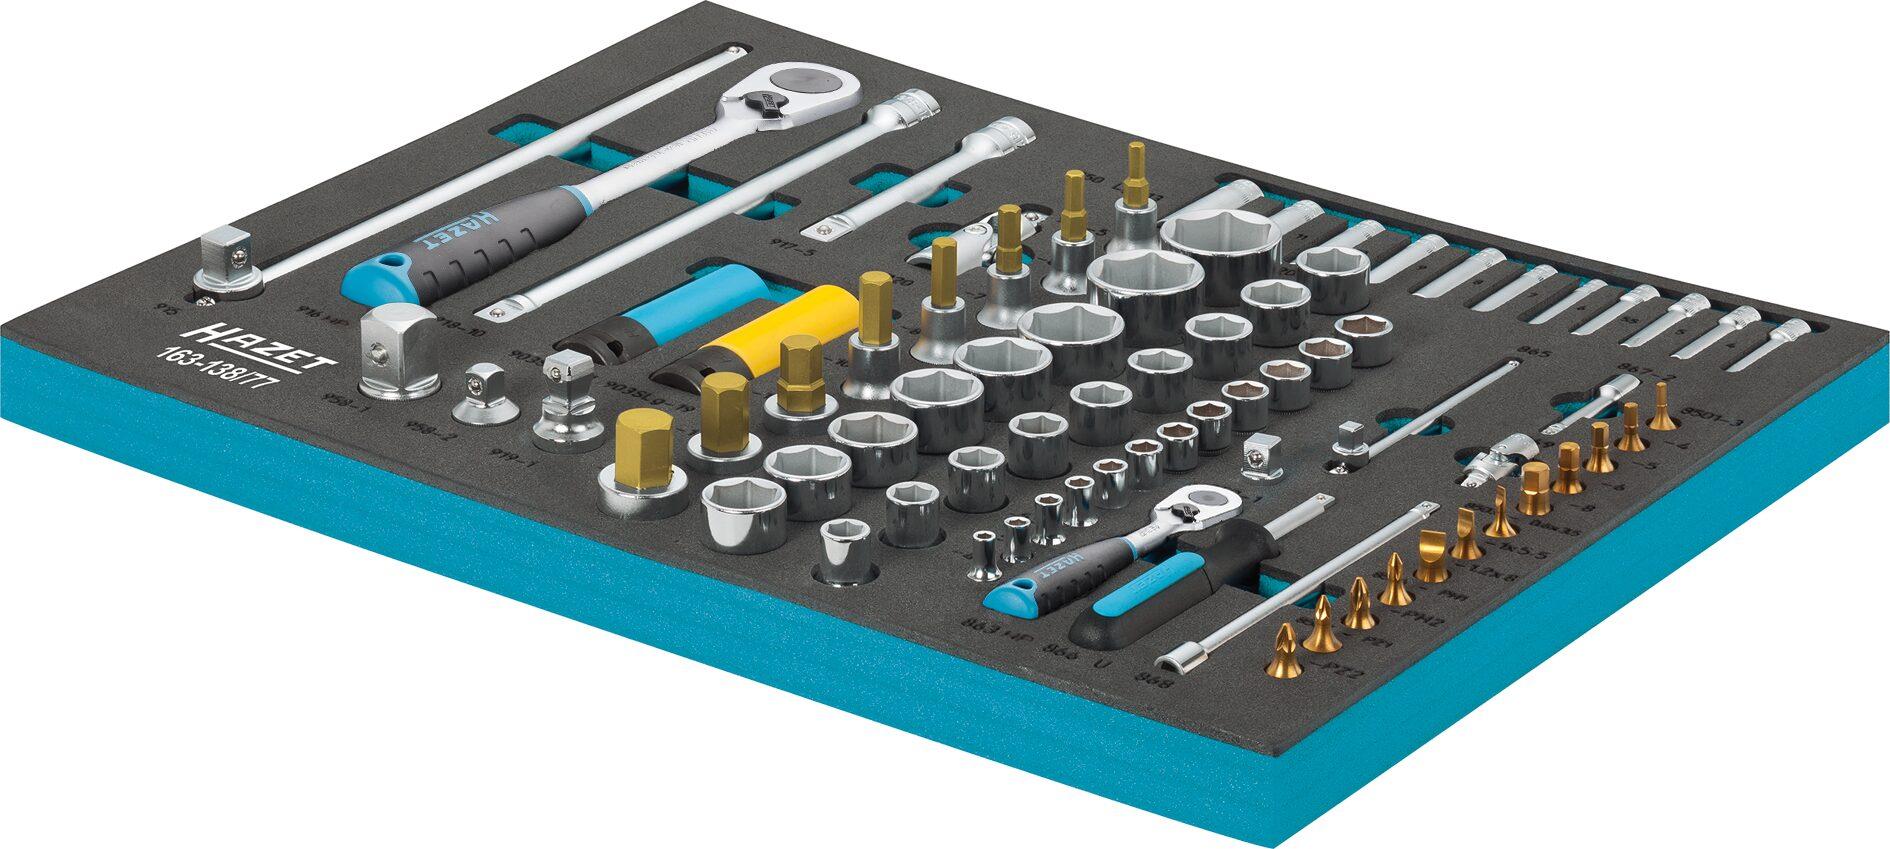 HAZET Steckschlüssel Satz 163-138/77 ∙ Vierkant hohl 12,5 mm (1/2 Zoll), Vierkant hohl 6,3 mm (1/4 Zoll)